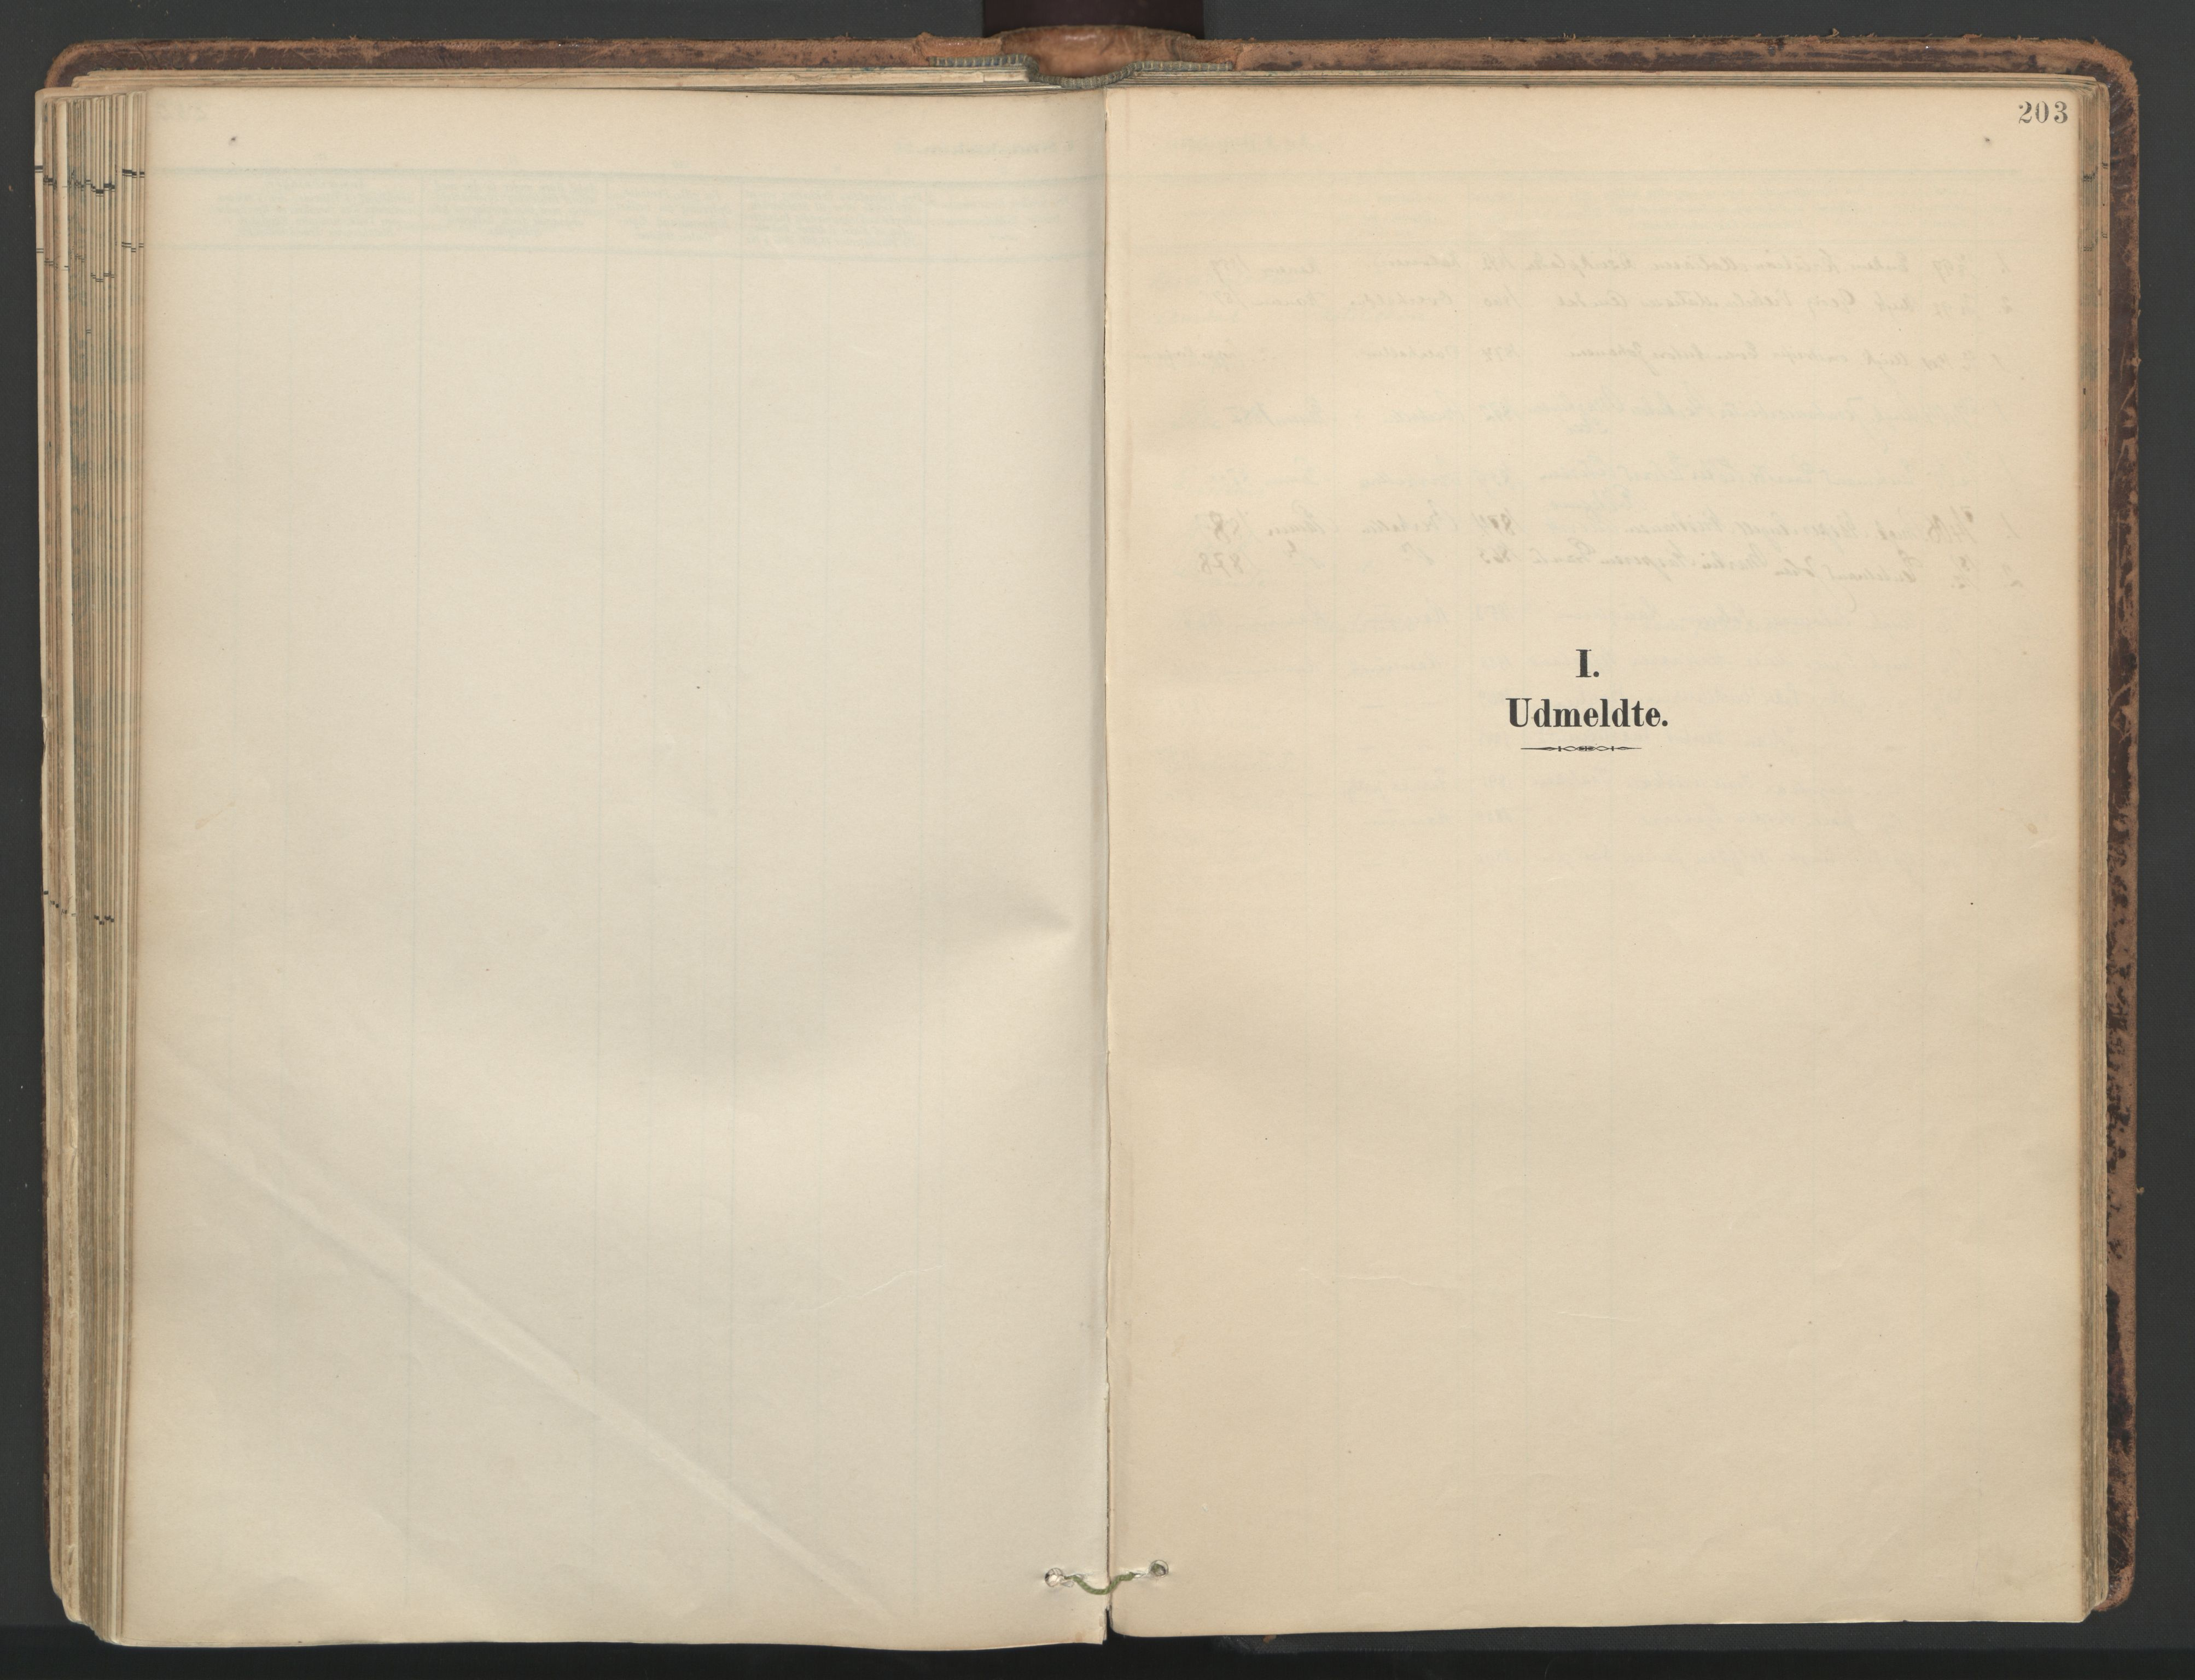 SAT, Ministerialprotokoller, klokkerbøker og fødselsregistre - Nord-Trøndelag, 764/L0556: Ministerialbok nr. 764A11, 1897-1924, s. 203